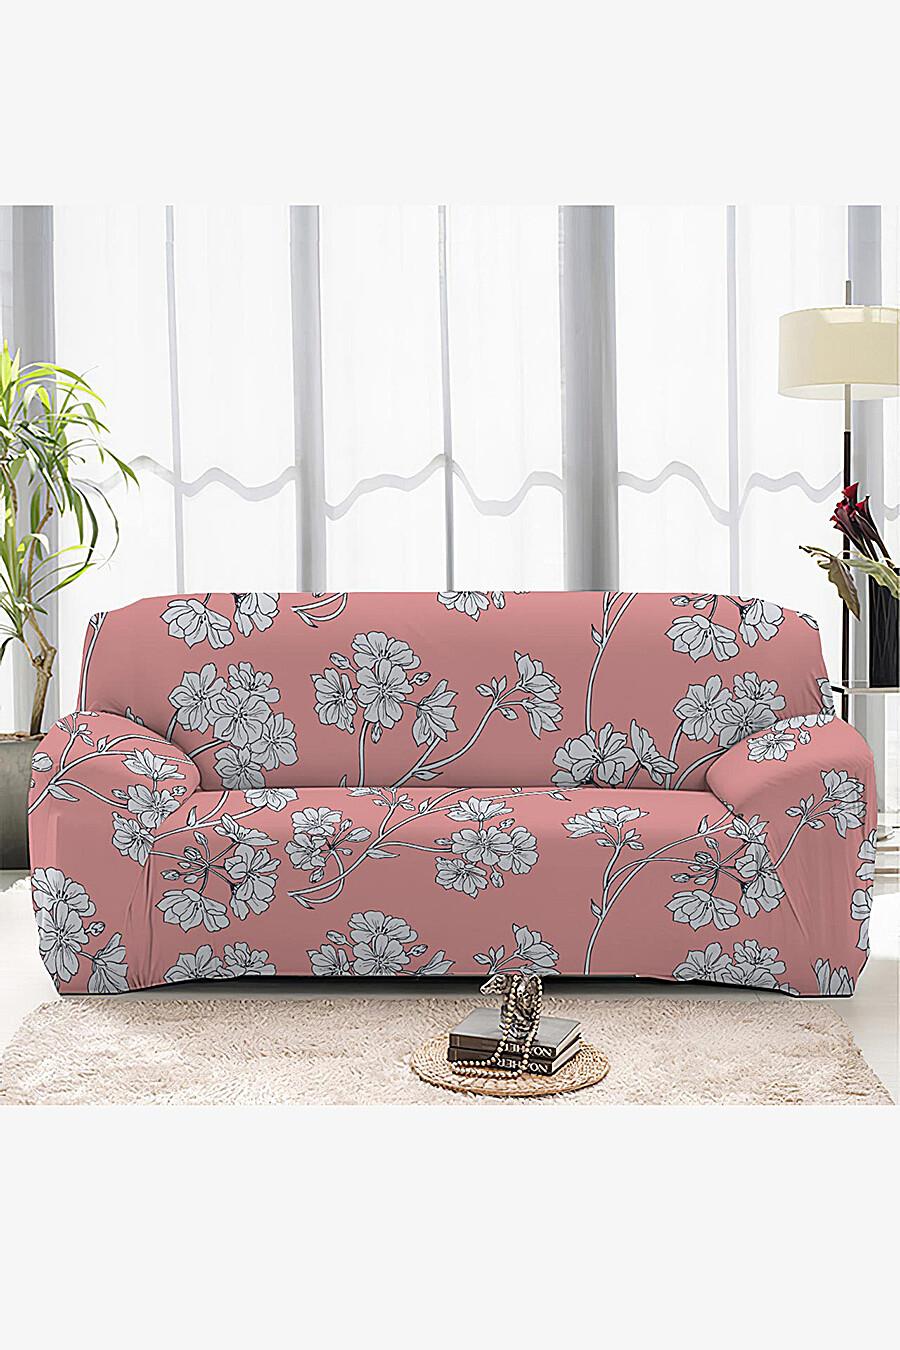 Чехол на диван для дома ART HOME TEXTILE 162823 купить оптом от производителя. Совместная покупка товаров для дома в OptMoyo